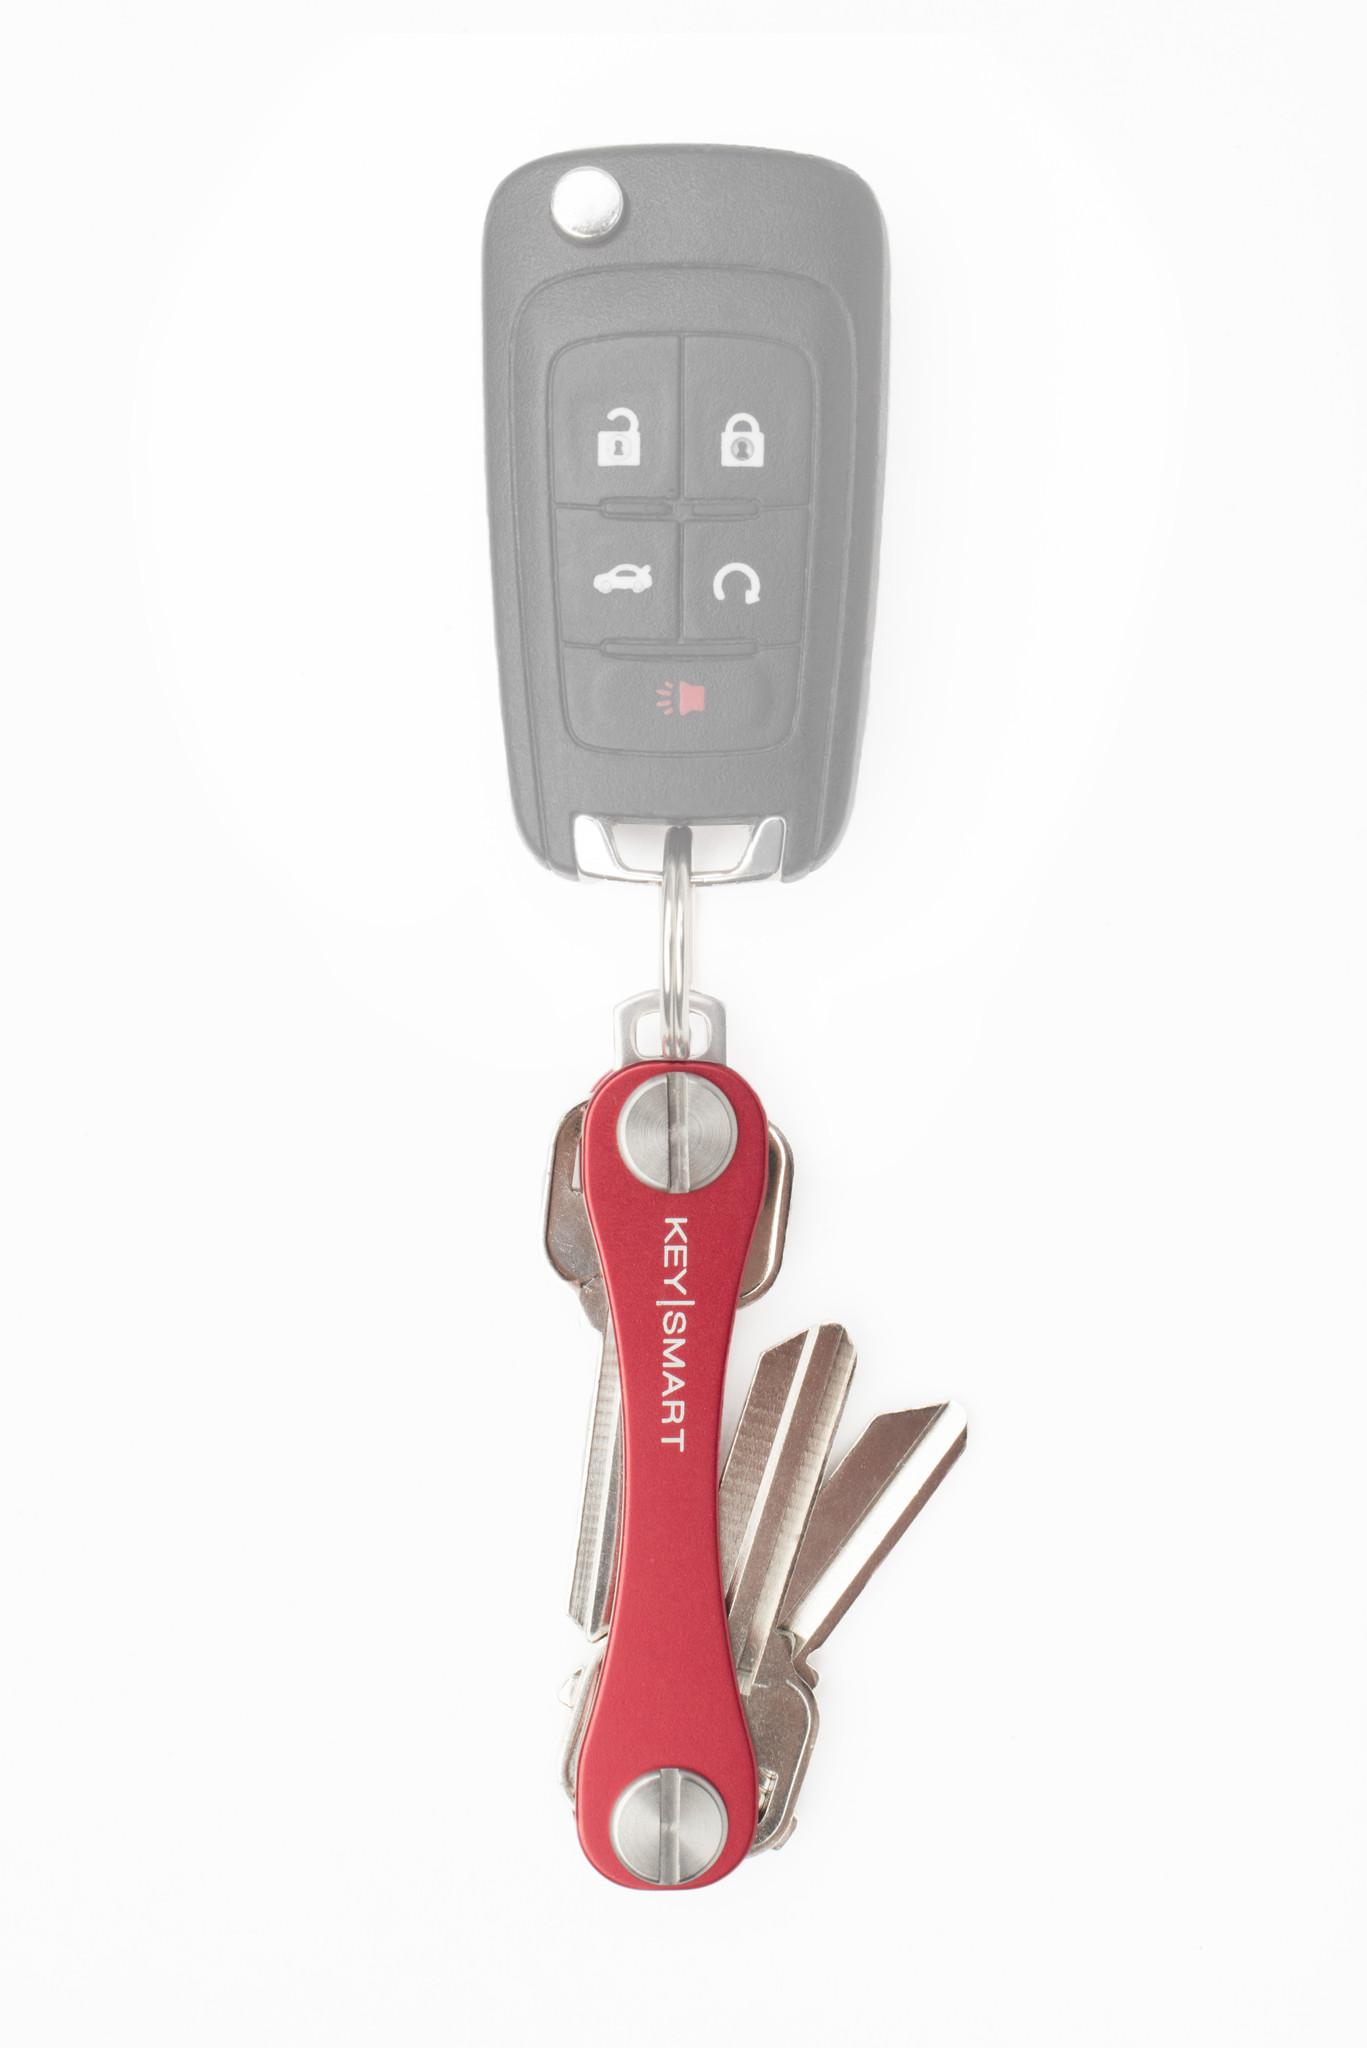 Red KeySmart with Car Fob